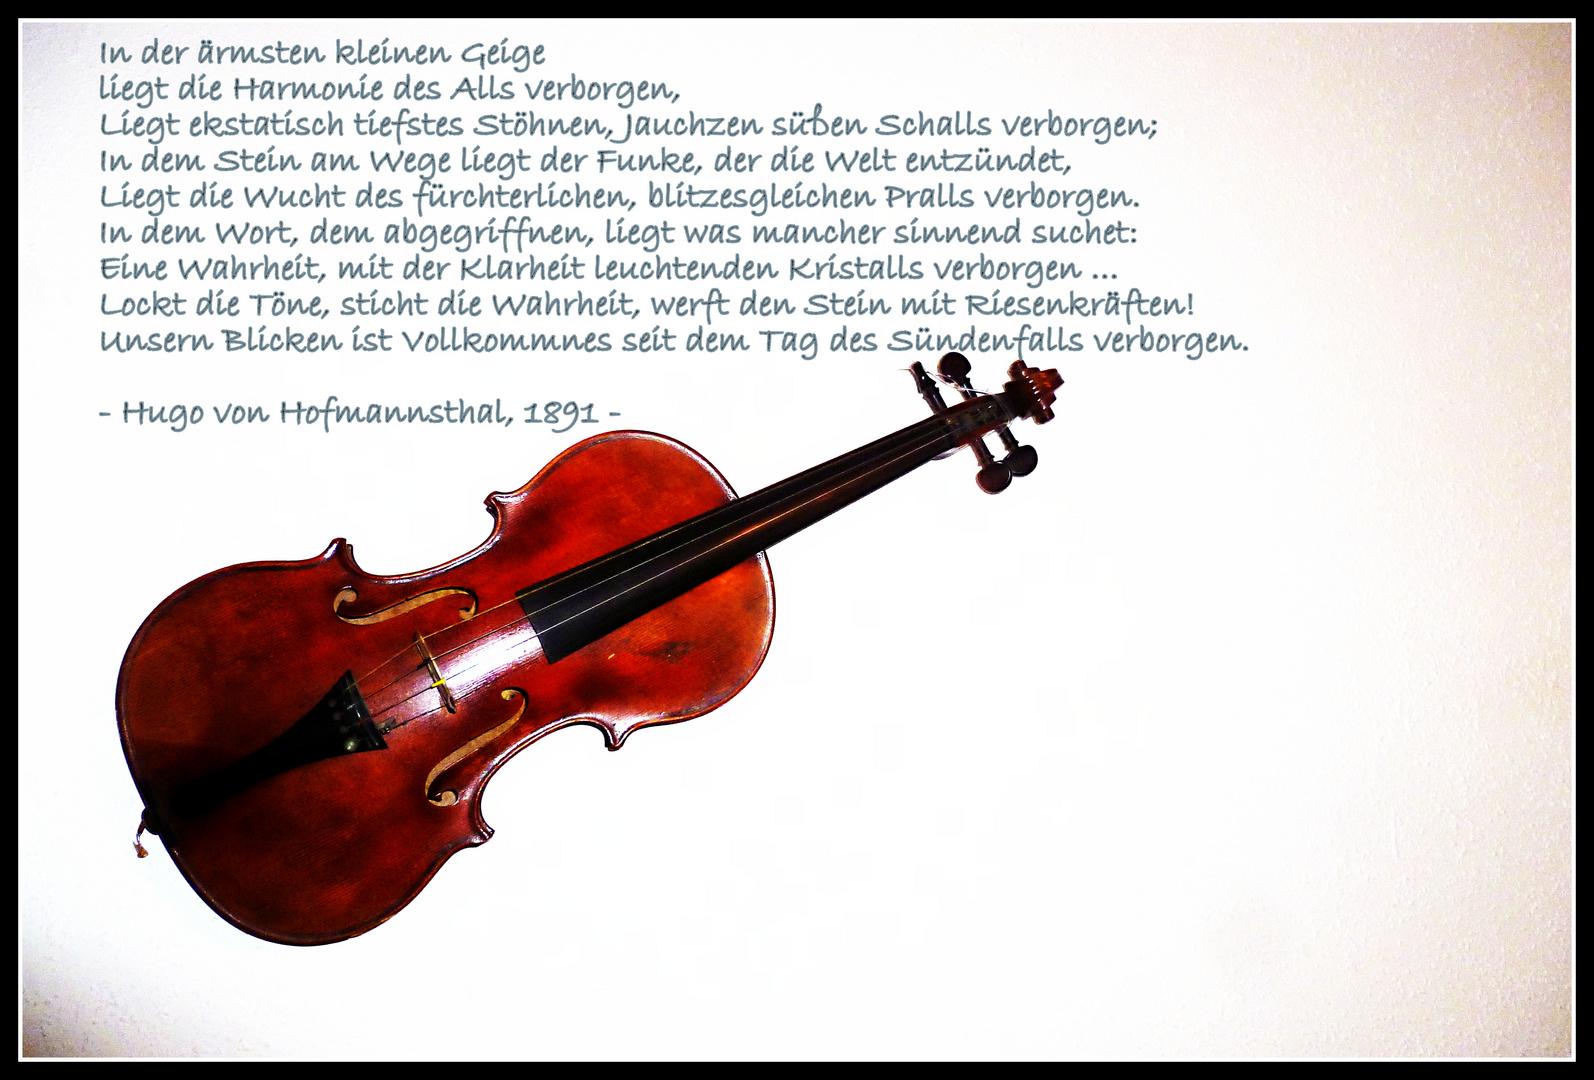 In der ärmsten kleinen Geige - Hofmannsthal